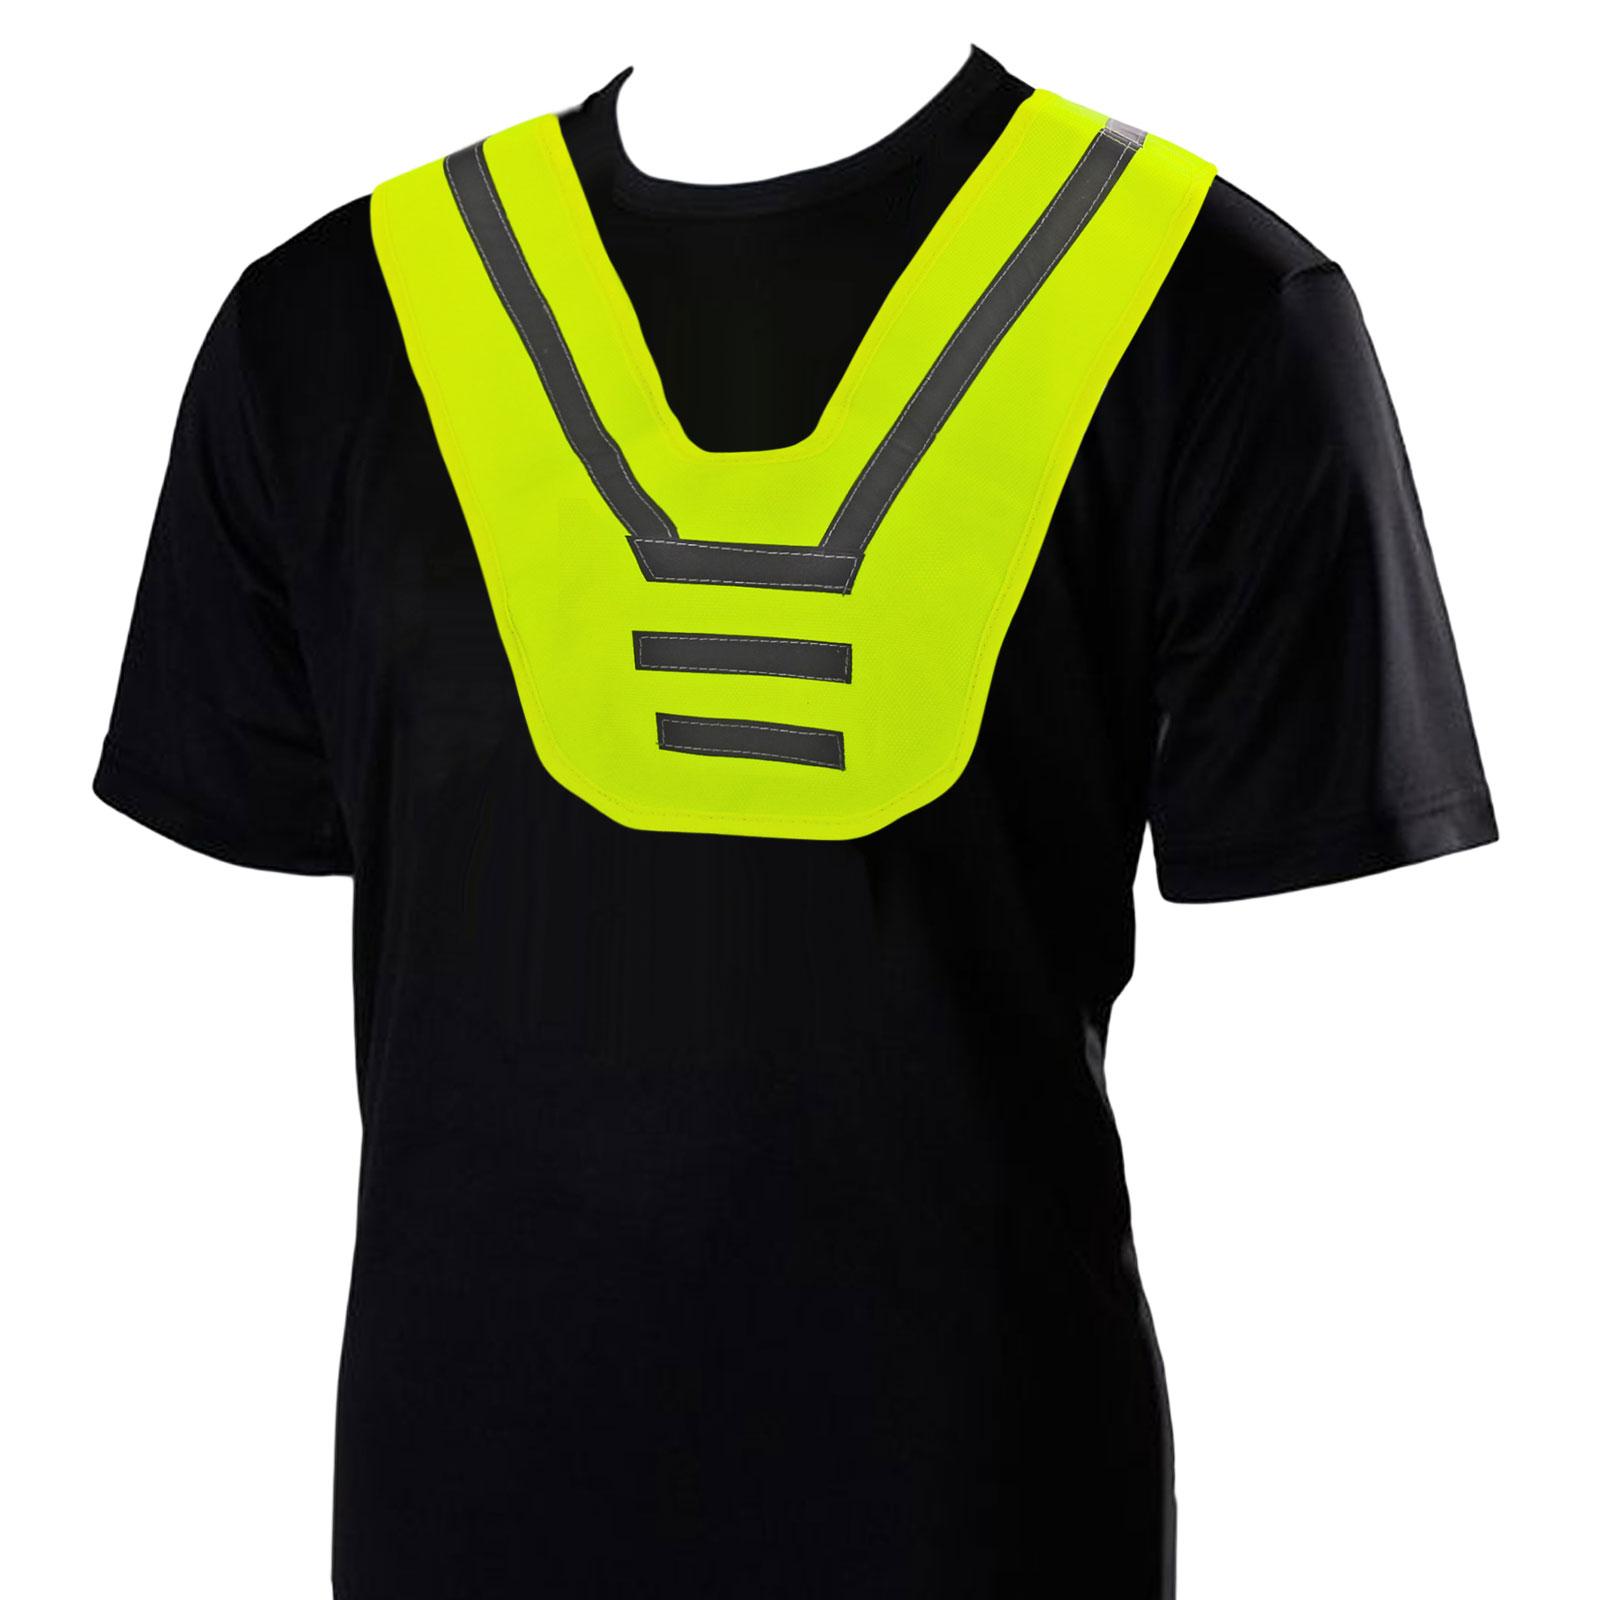 Reflektions Kragen Neon Gelb für Kinder Schultergurt Warnweste Sicherheitsweste